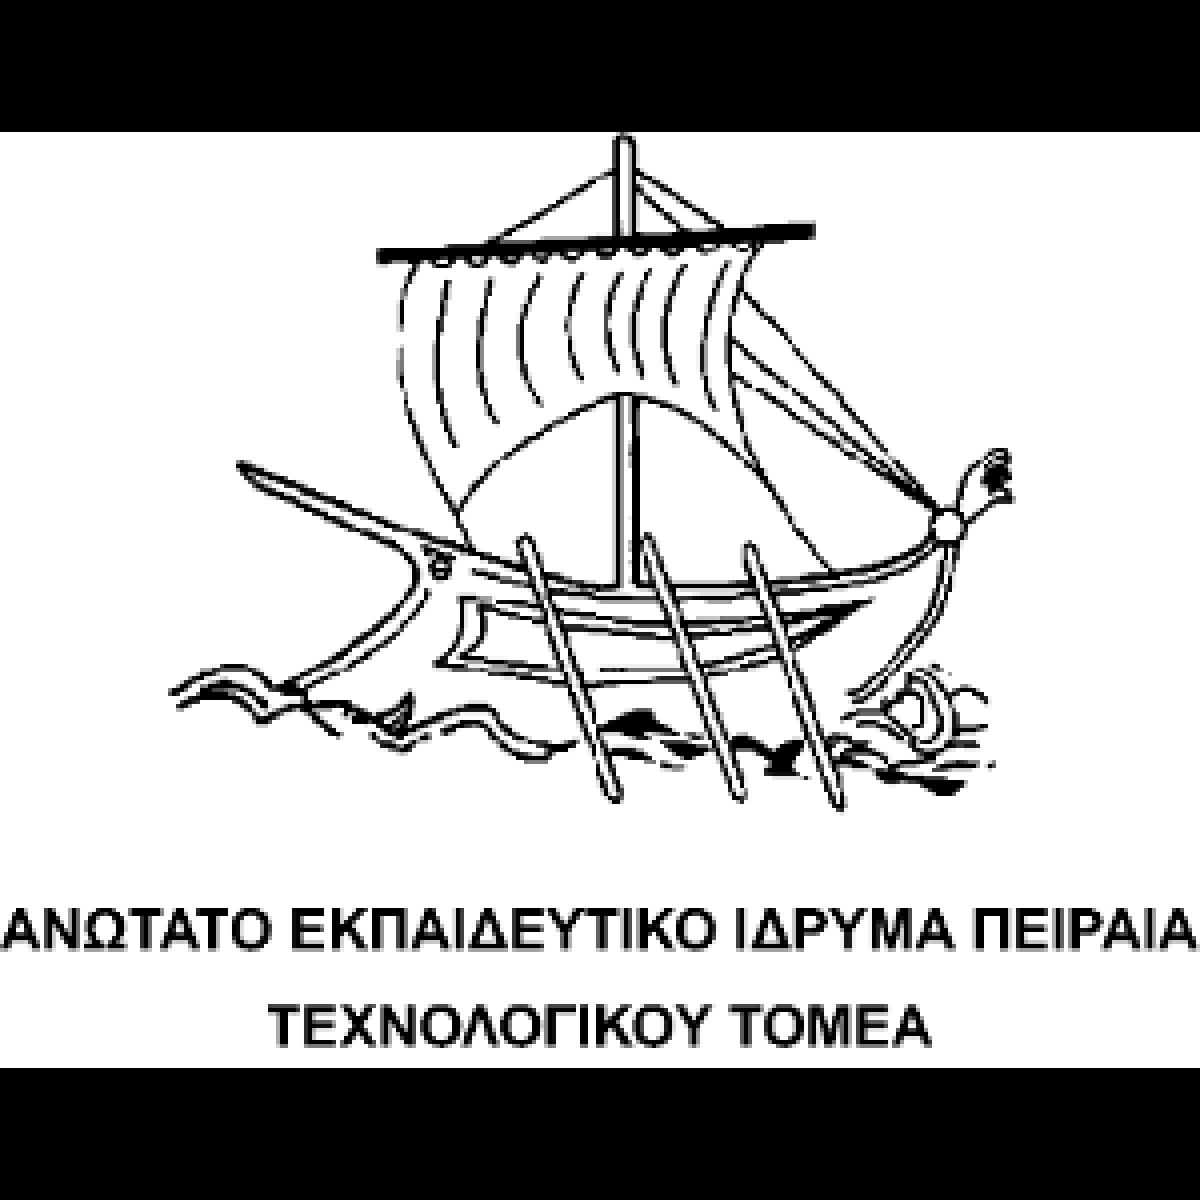 5ο Μεσογειακό Σεμινάριο στη Μηχανική και Τεχνολογική Εκπαίδευση